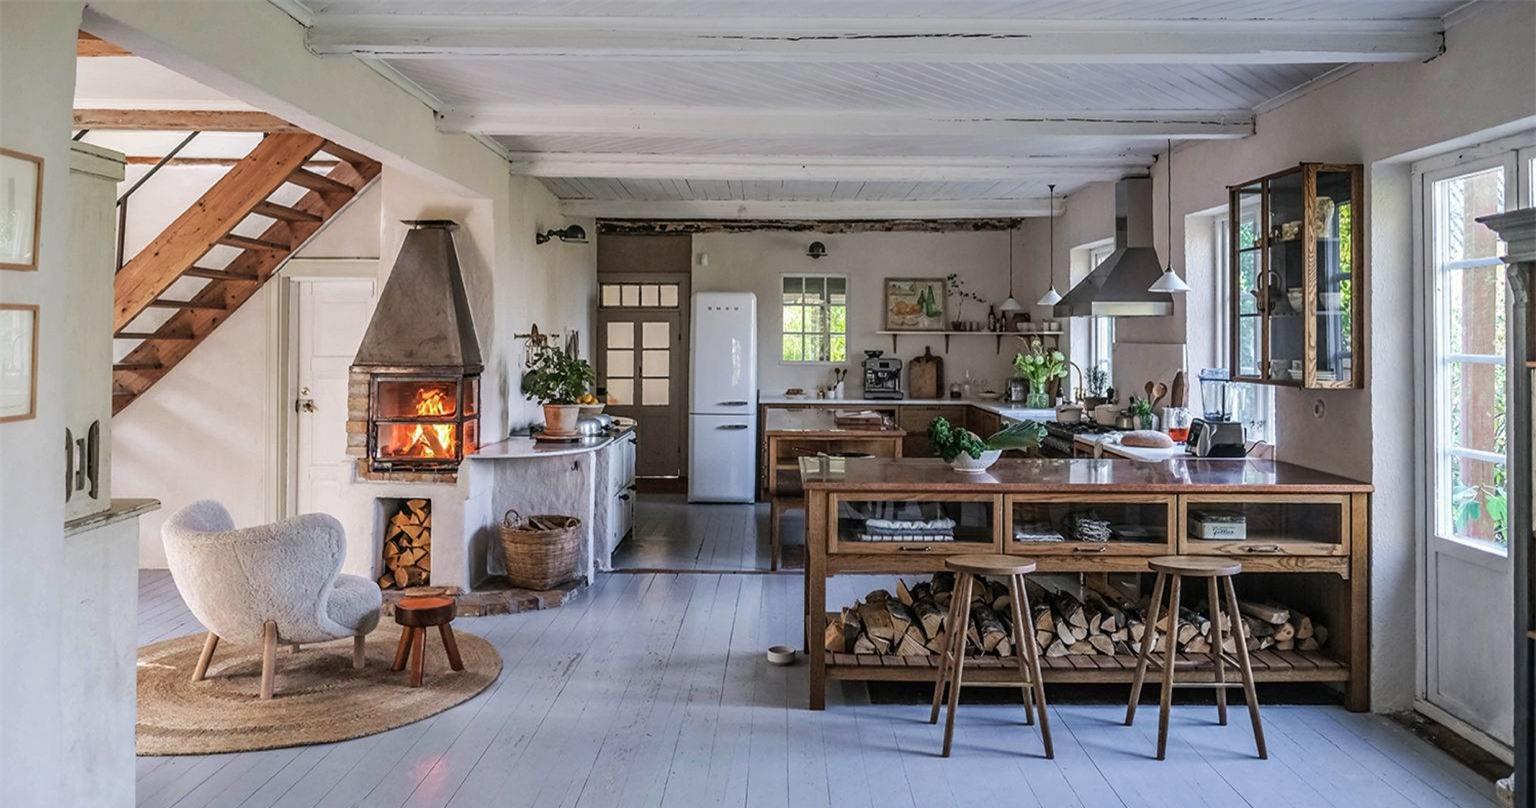 Vẻ đẹp của không gian nấu nướng luôn tạo nên điều tuyệt vời dành cho những người sống trong nhà. Căn bếp không chỉ được sắp xếp ngăn nắp, gọn gàng mà còn mang nhiều ánh sáng, sinh khí vào bên trong. Không gian với những sắc màu mộc mạc luôn tạo vẻ đẹp gần gũi, thêm nét cổ điển vượt thời gian cho căn bếp nhỏ.